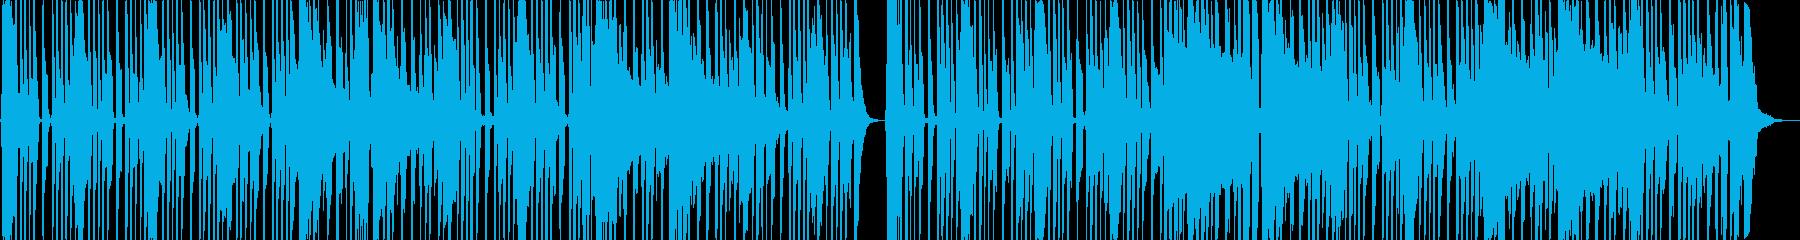 陽気なカントリー調のロックの再生済みの波形